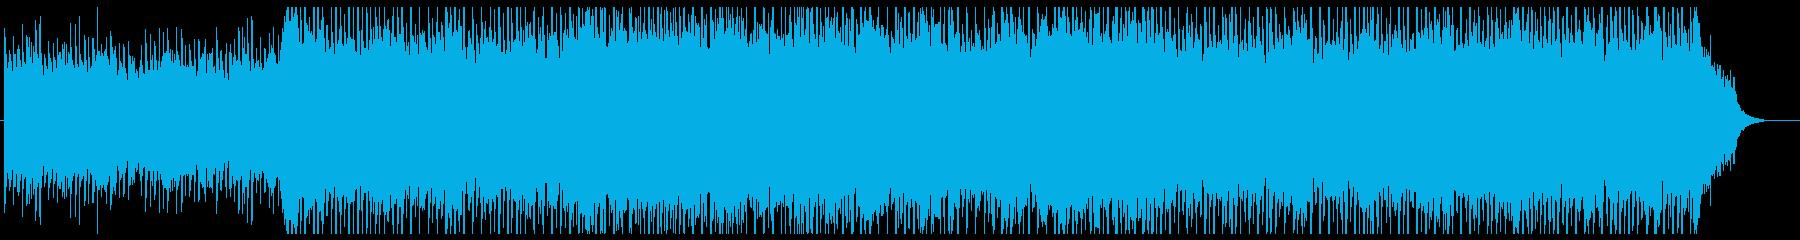 ポップで清々しいコーポレート向けBGMの再生済みの波形